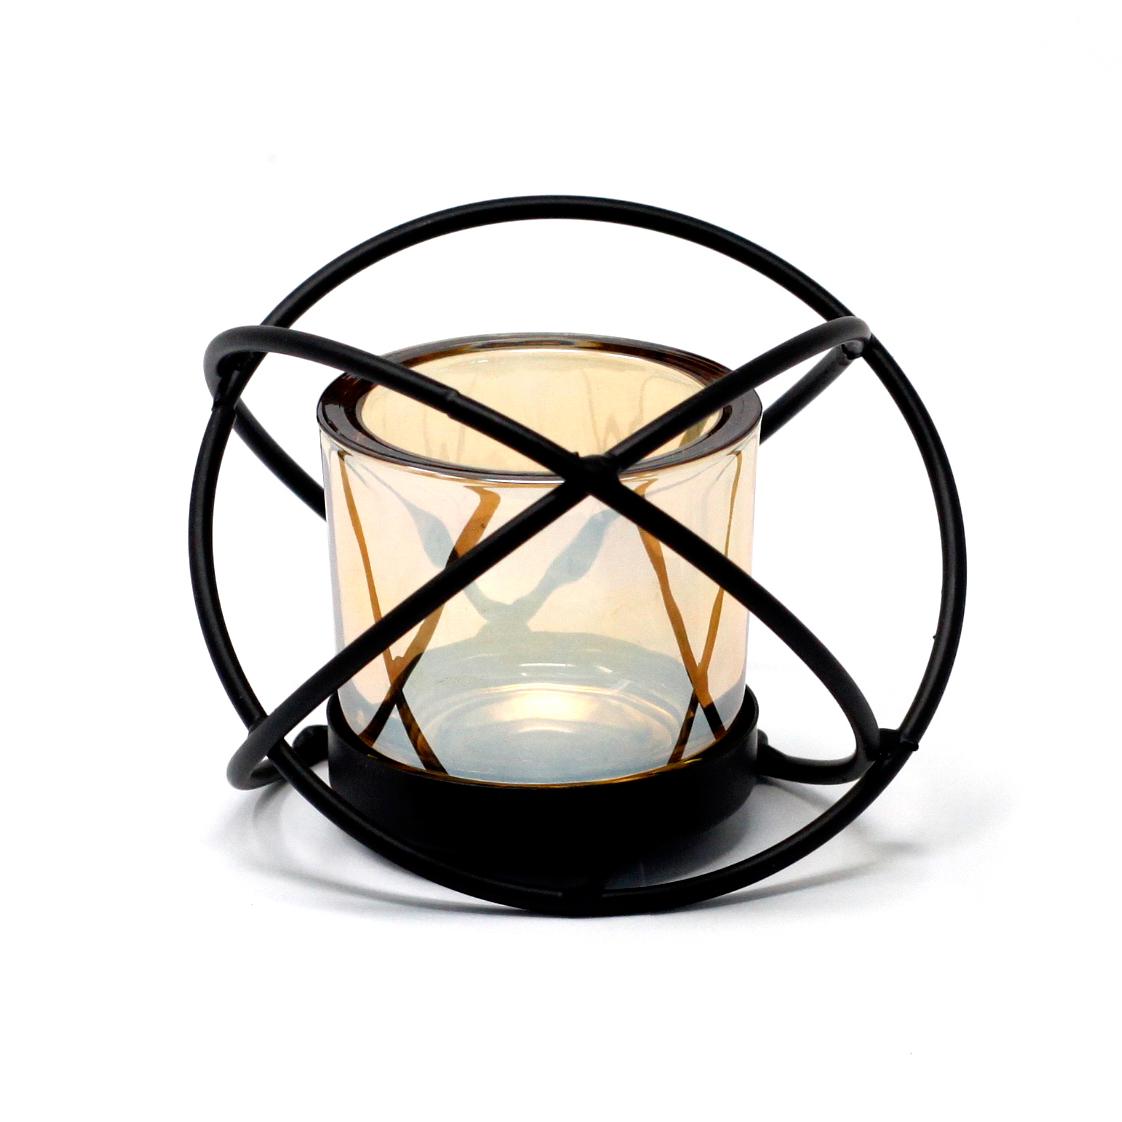 Kovový Votivní Svícen - na 1 Svíčku - Koule